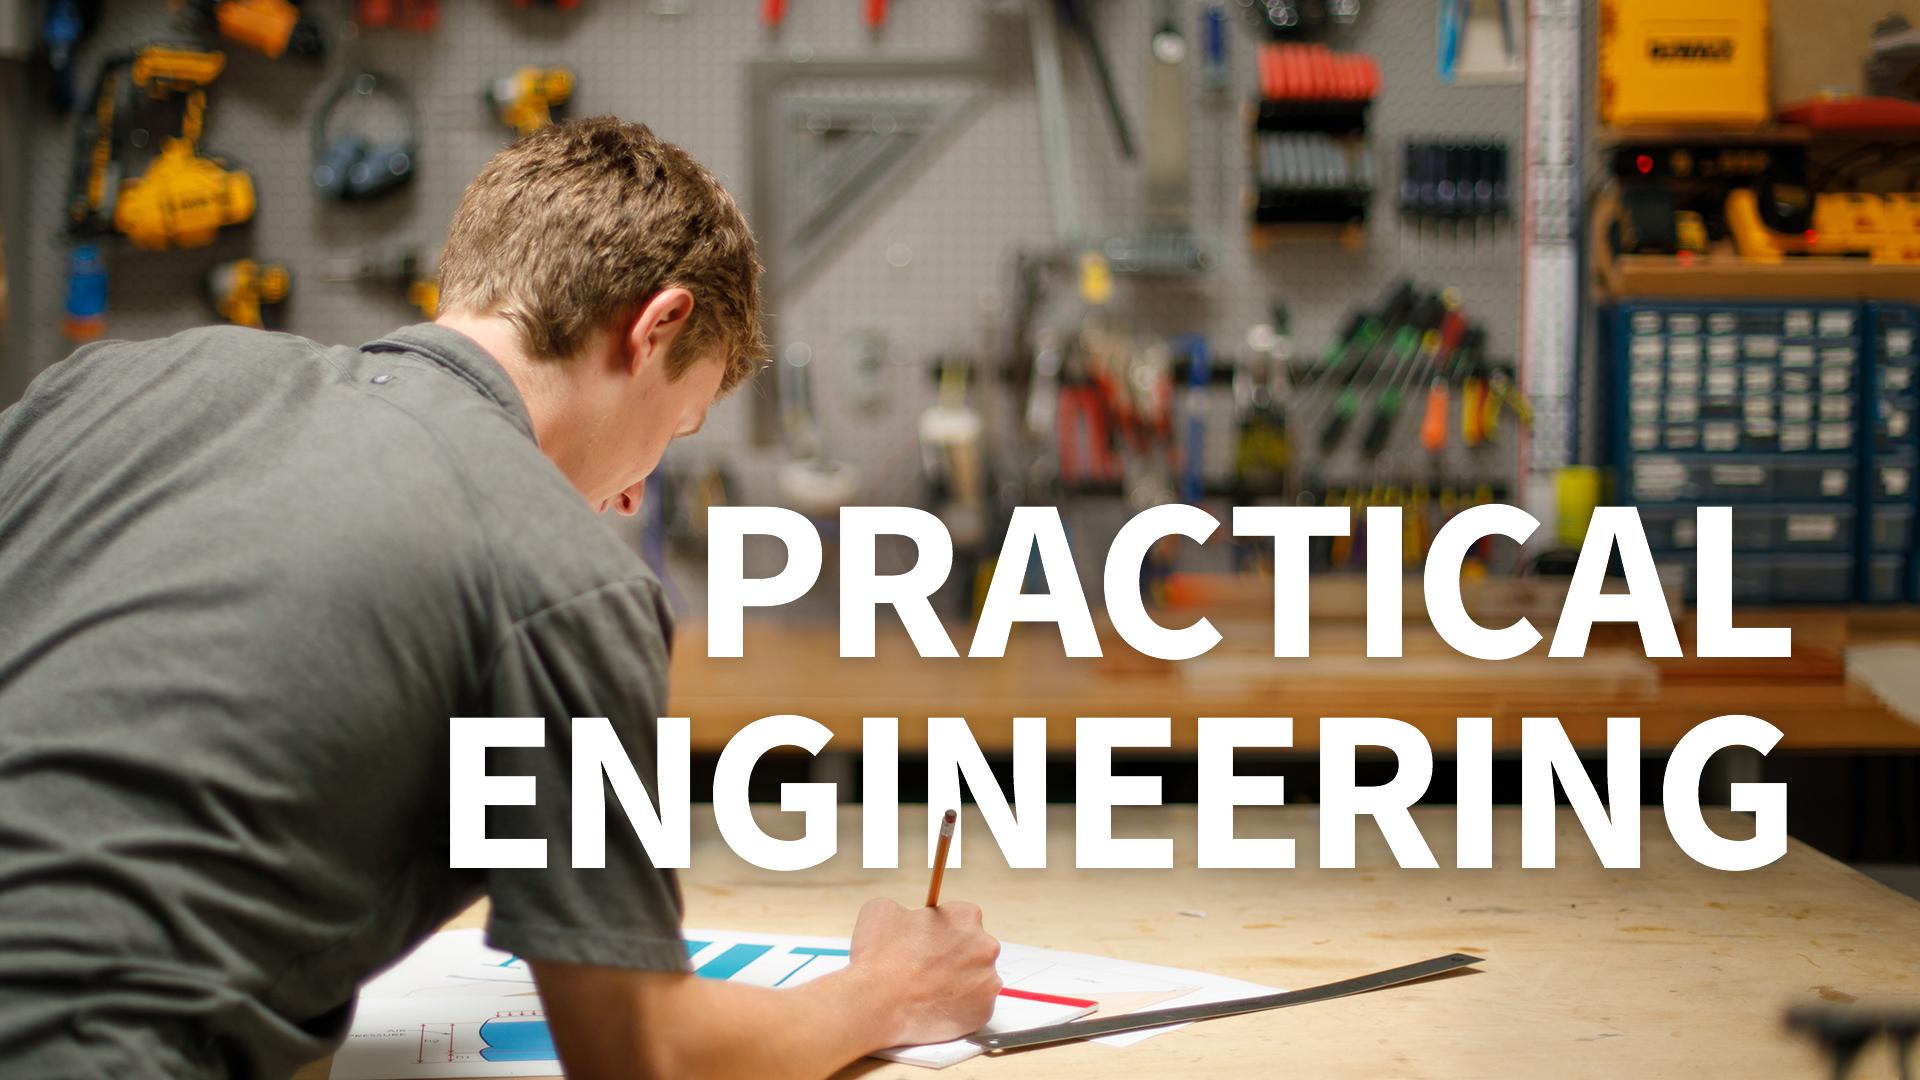 Practical Engineering